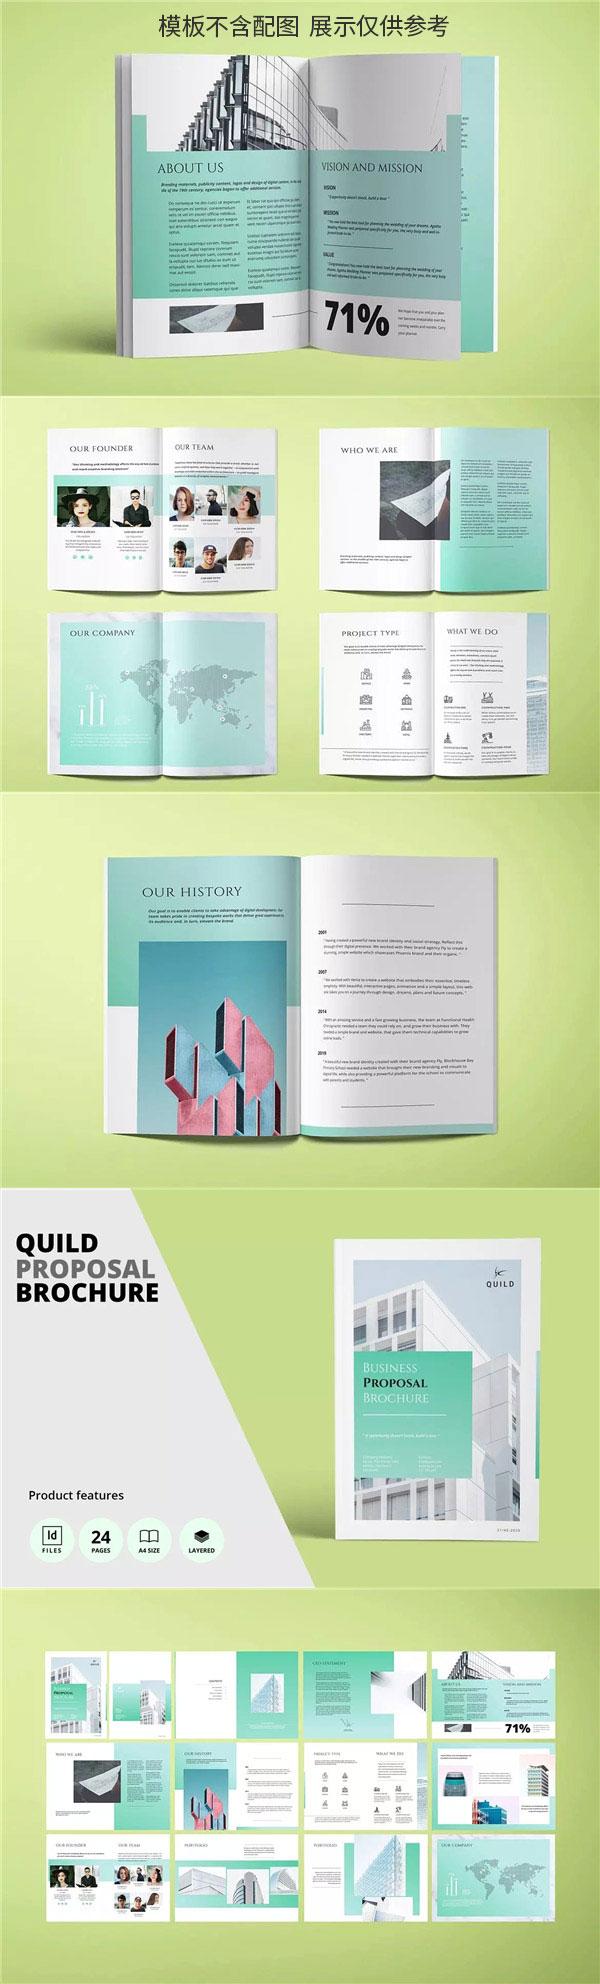 建筑公司画册模板